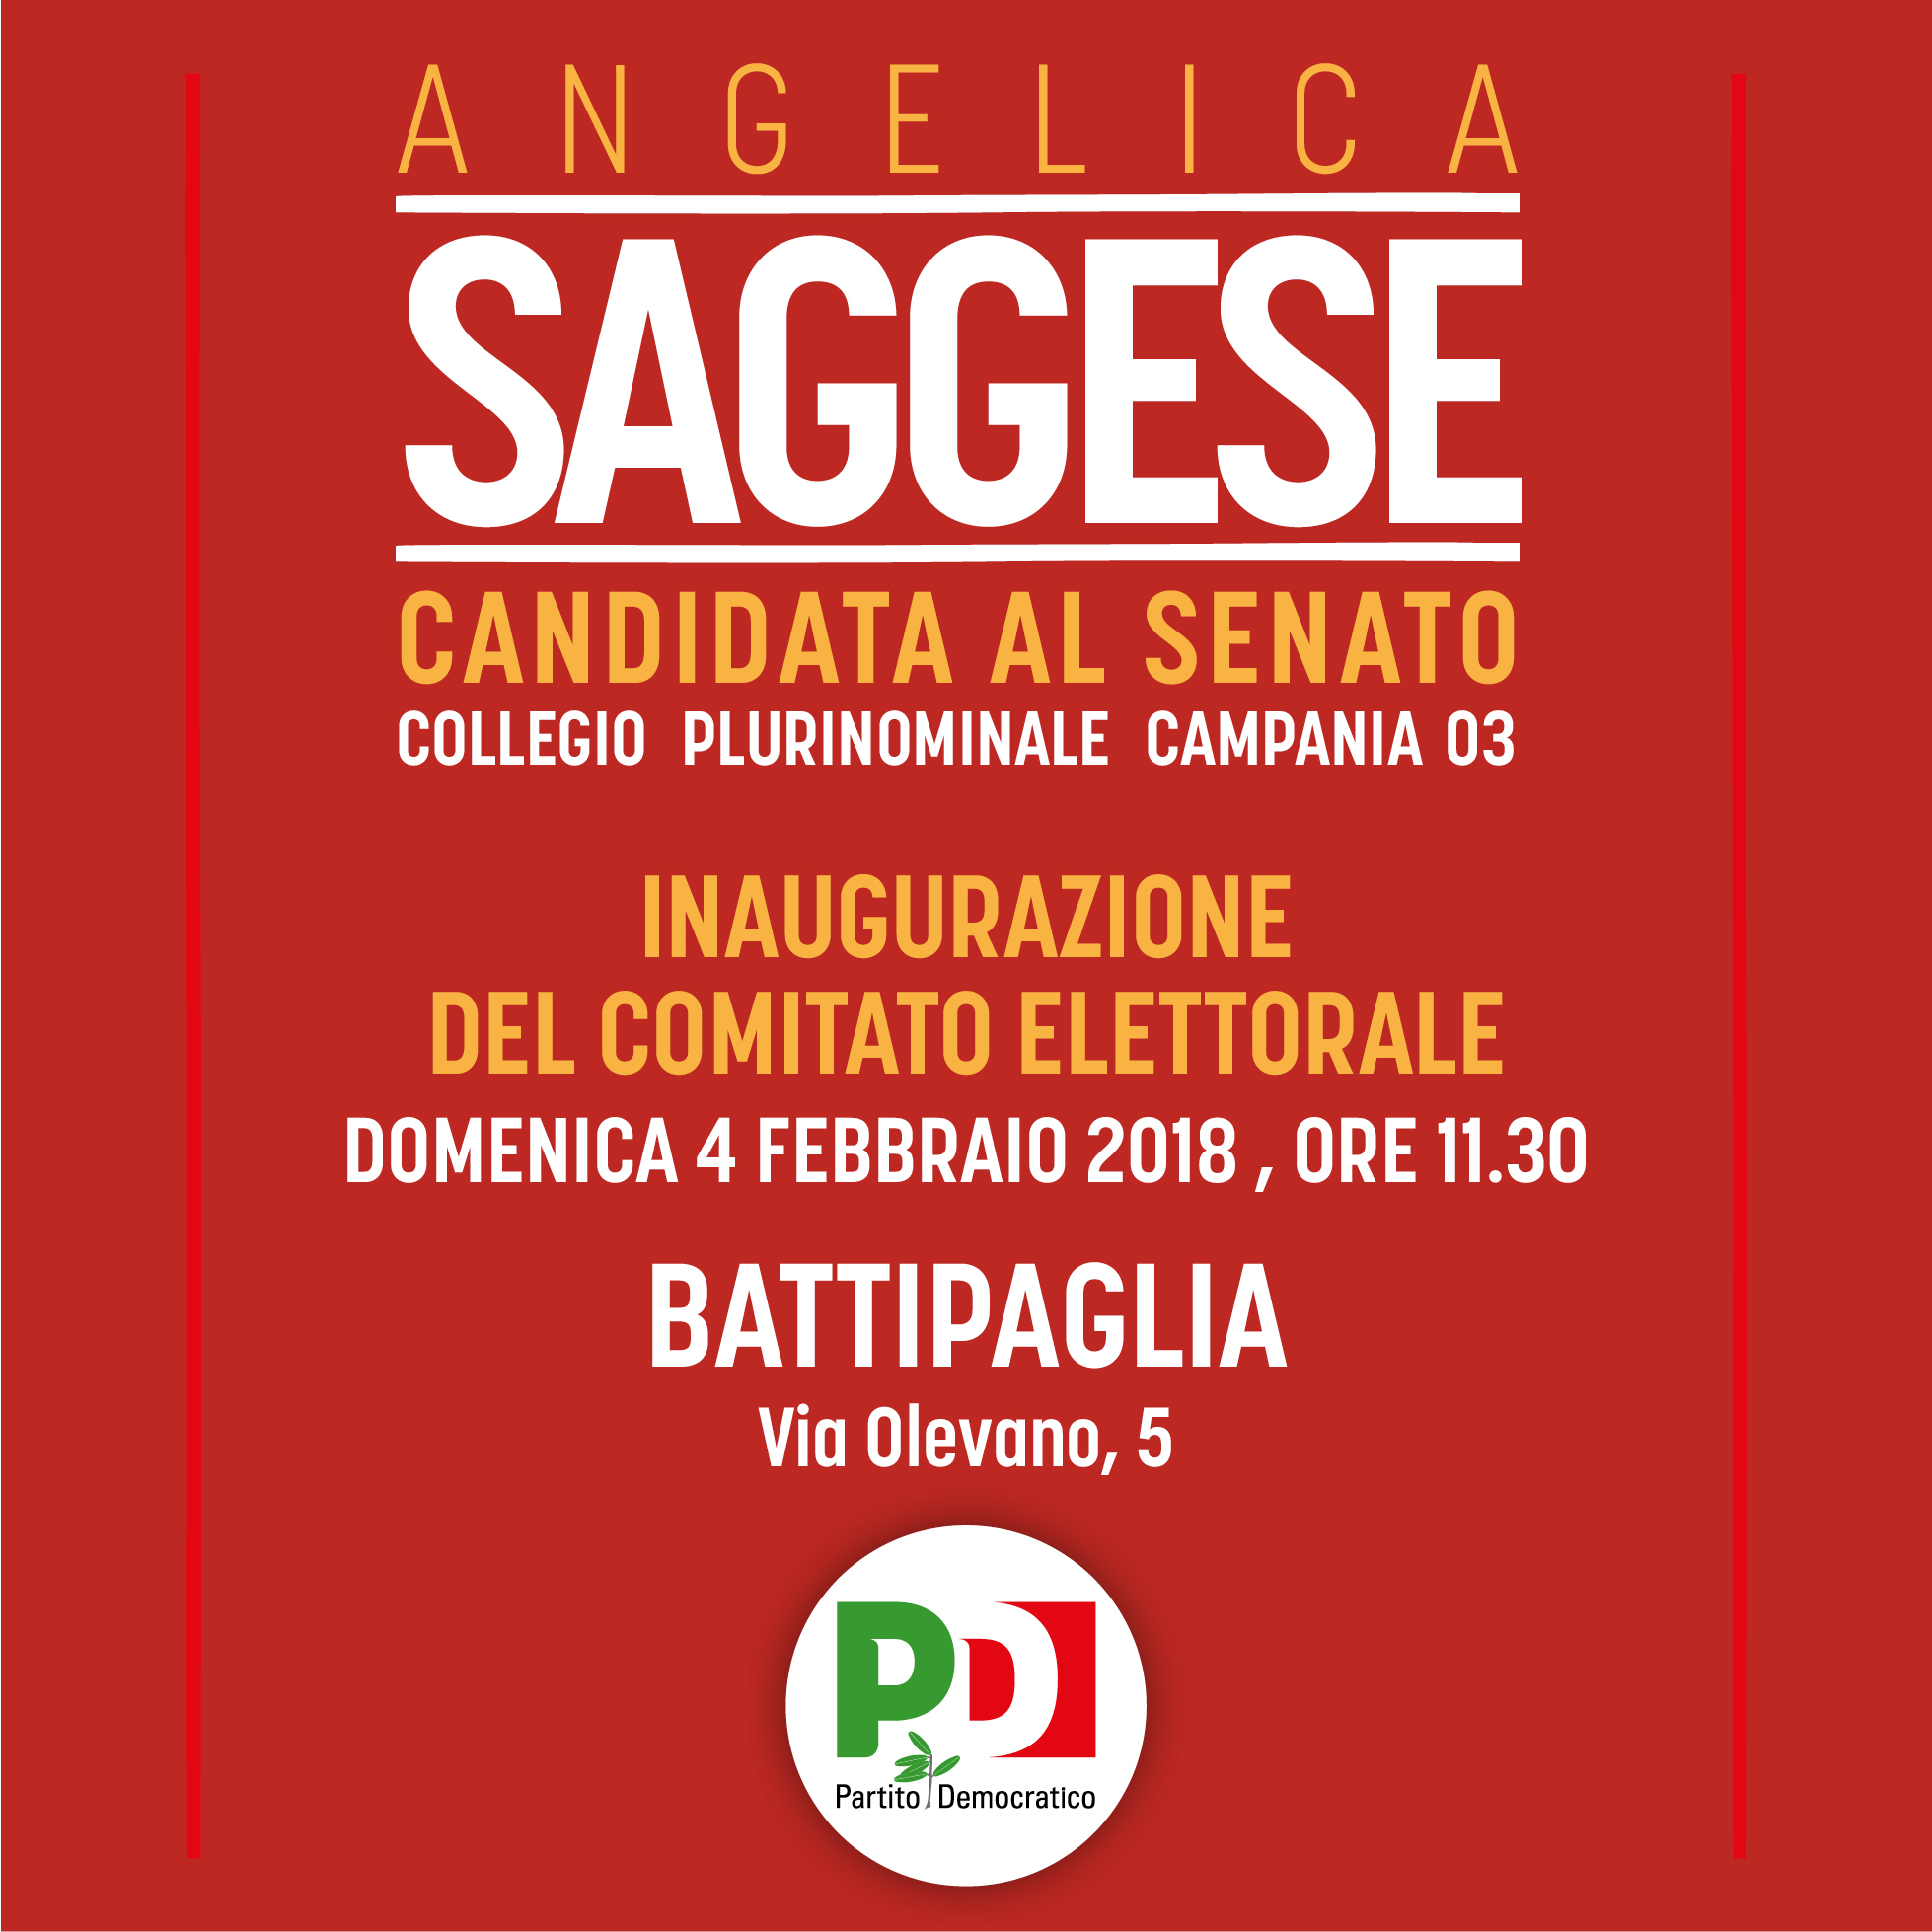 saggese_inaugurazione_batt